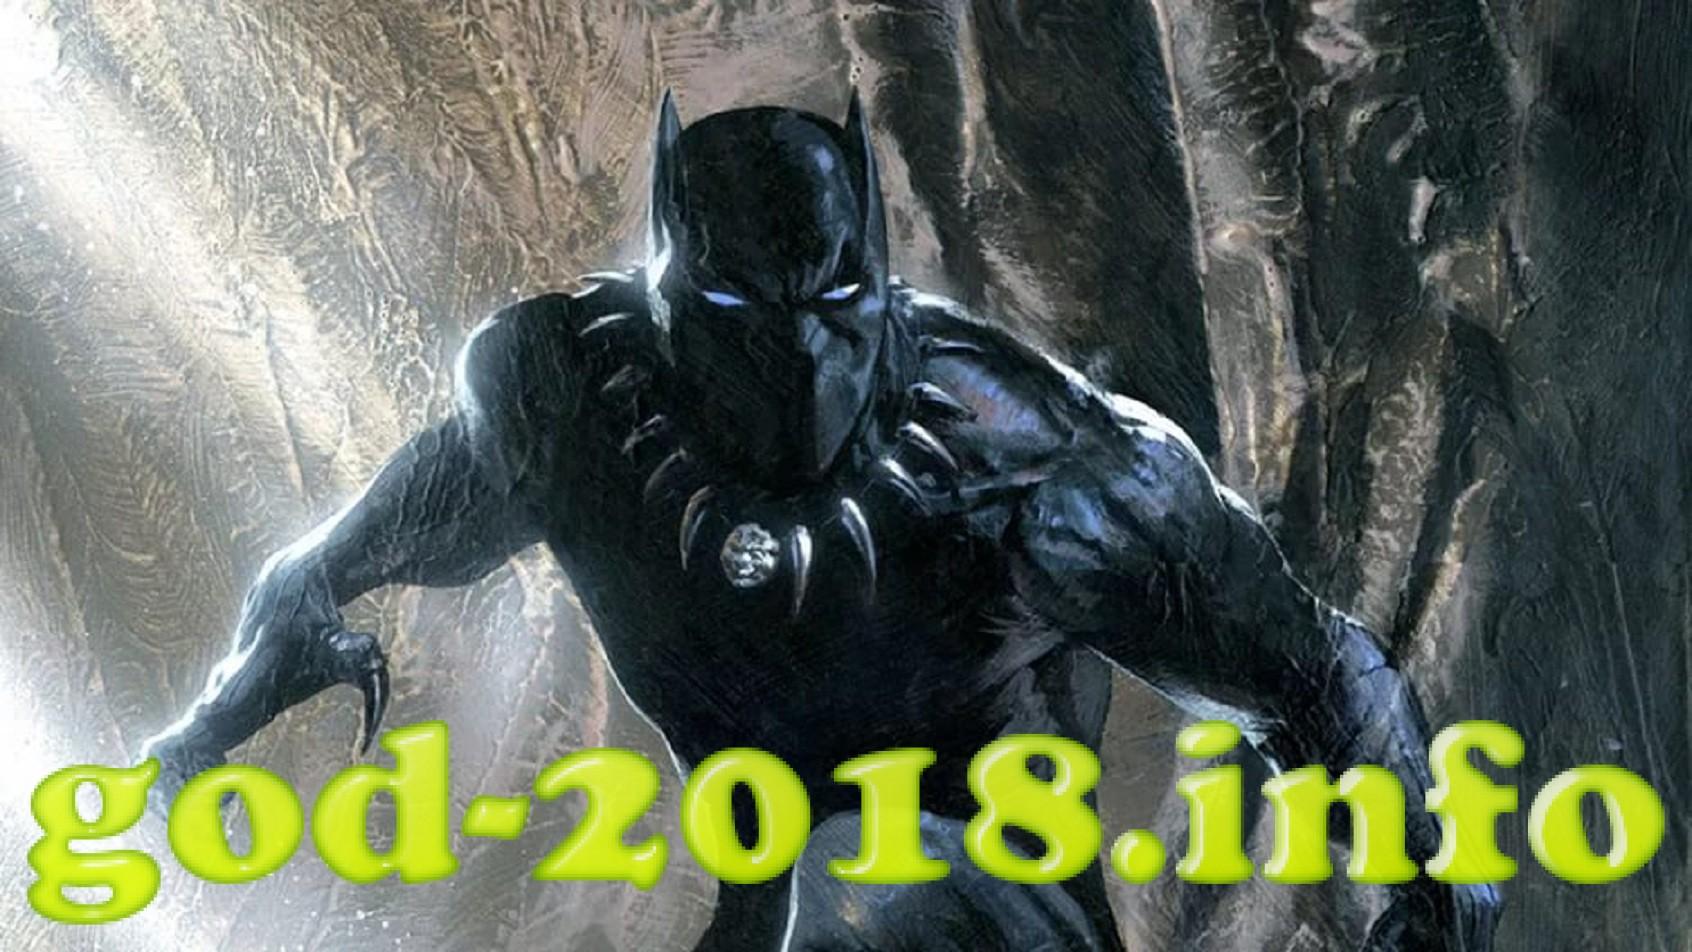 chernaja-pantera-ozhidaem-film-v-2018-godu